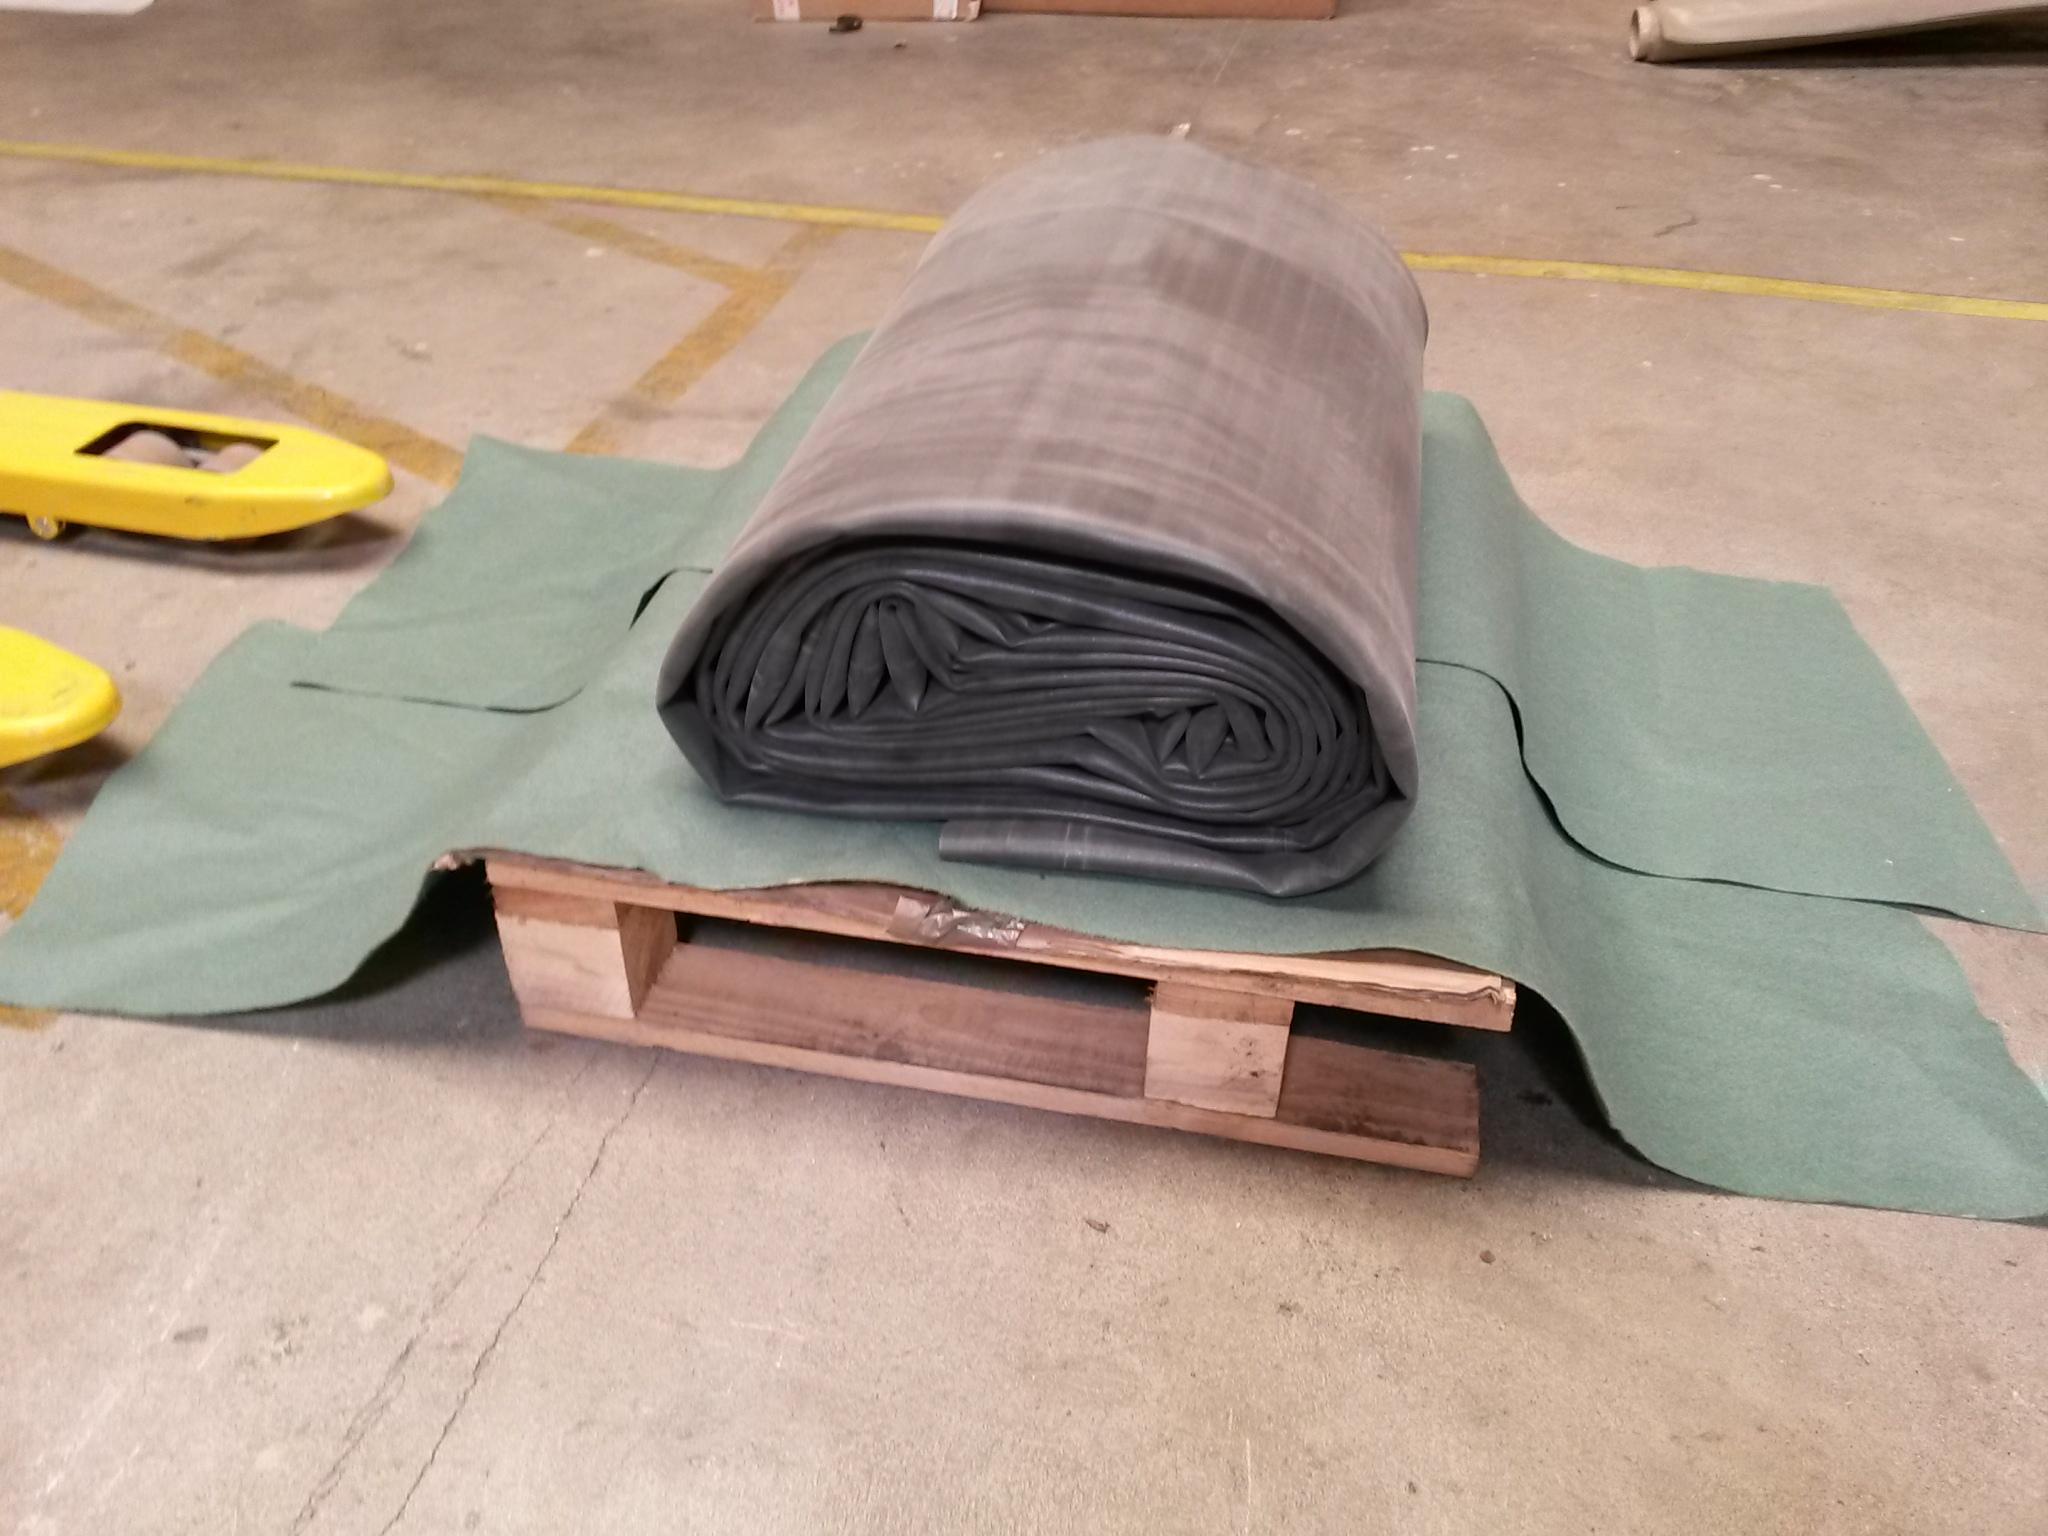 b che epdm la coupe pour bassin largeur de 12 20m. Black Bedroom Furniture Sets. Home Design Ideas